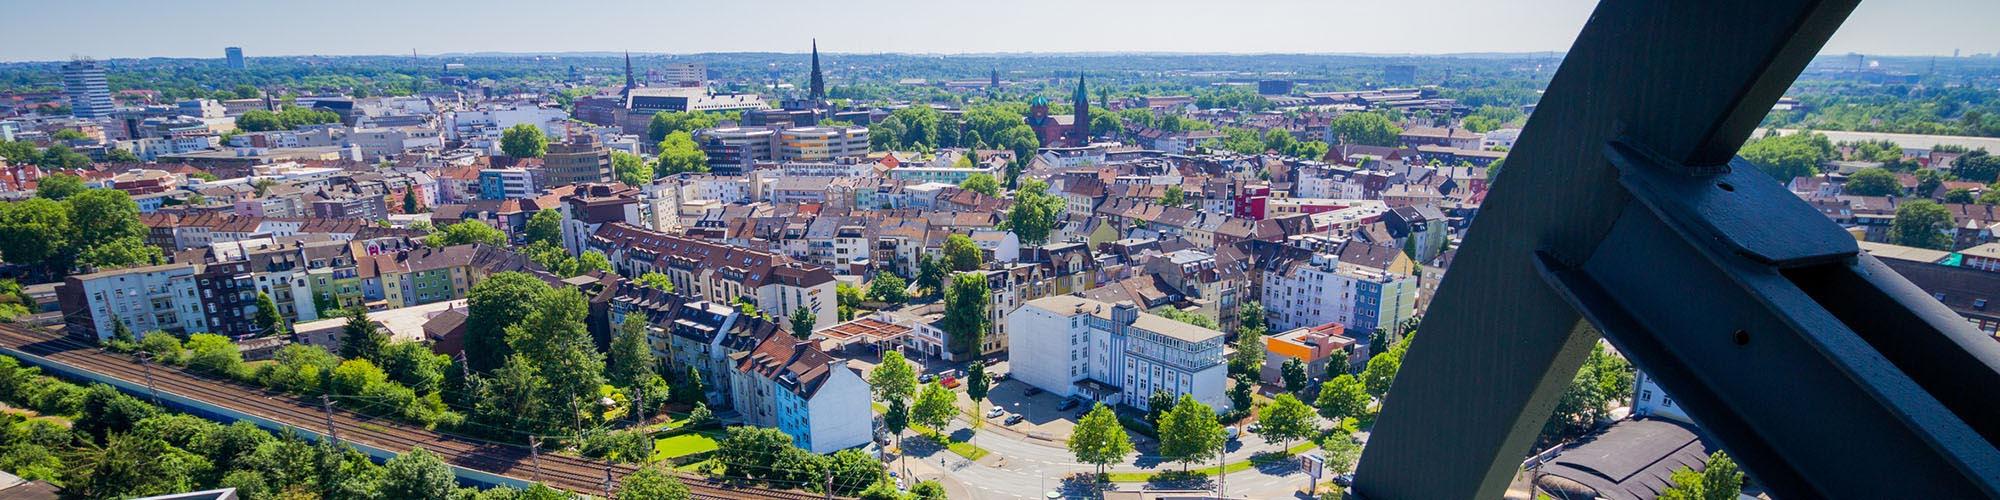 Weidenbach Immobilien Herne: Immobilien in Bochum gesehen von dem Deutschen Bergbaumuseum